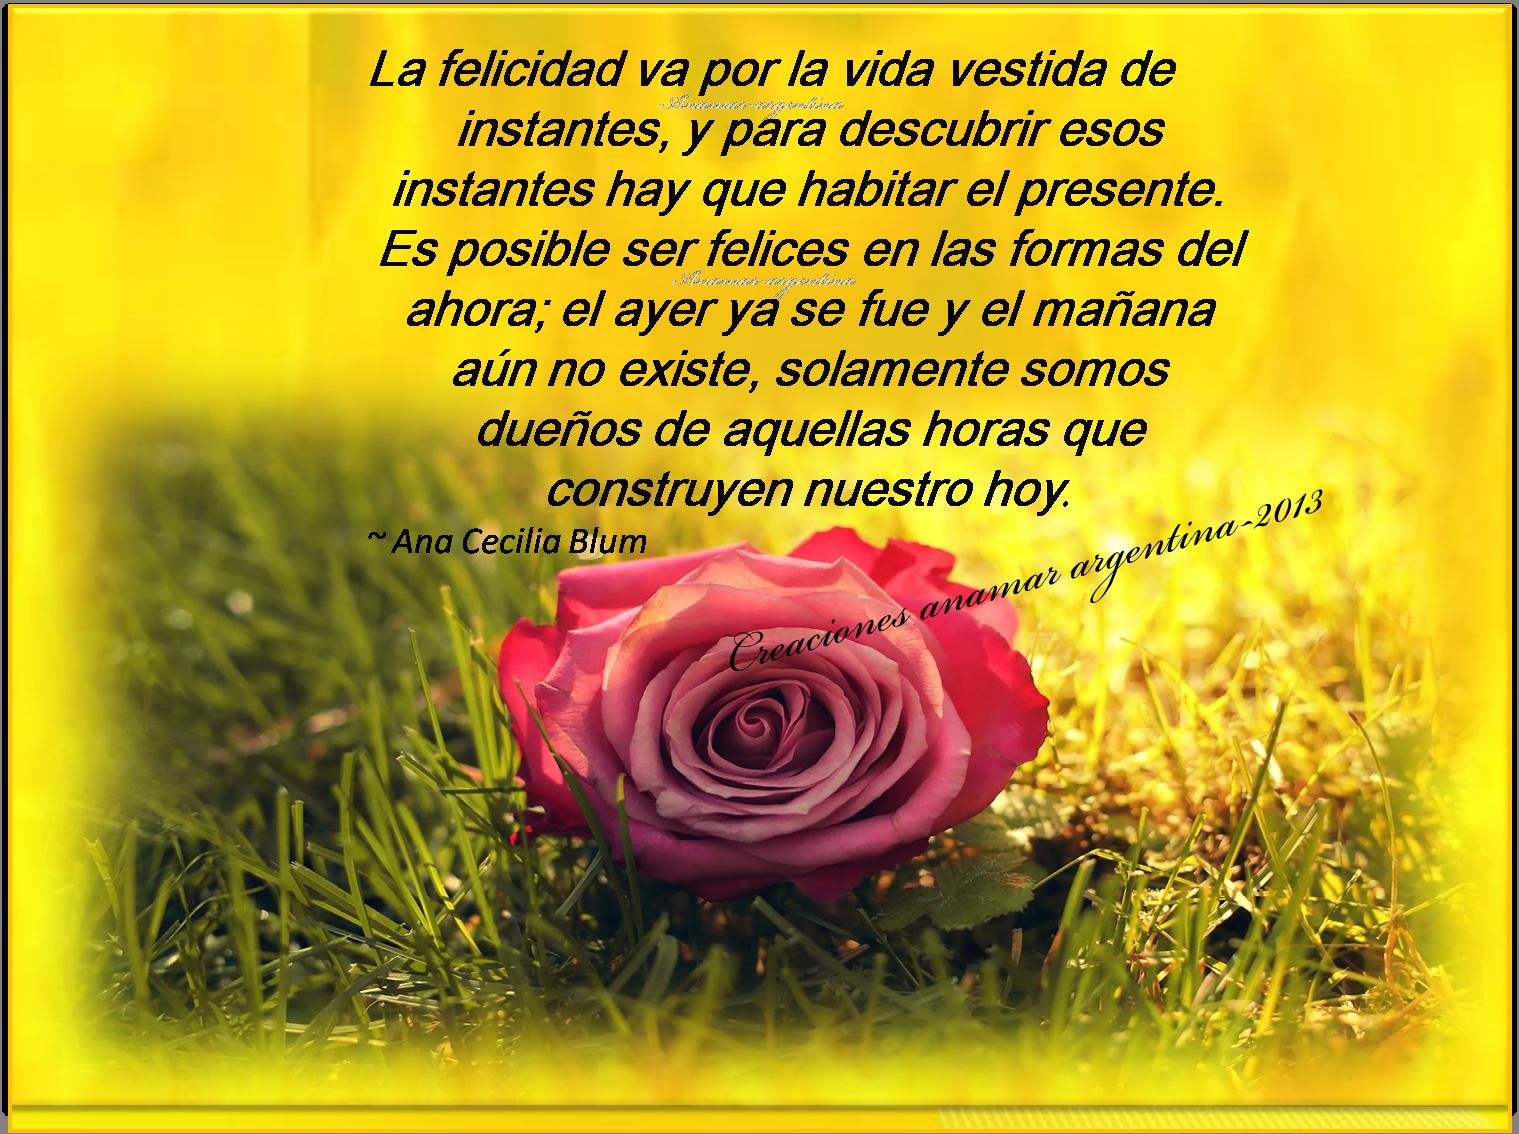 imagenes-con-pensamientos-positivos-motivadores-53-creaciones-anamar-argentina-2013